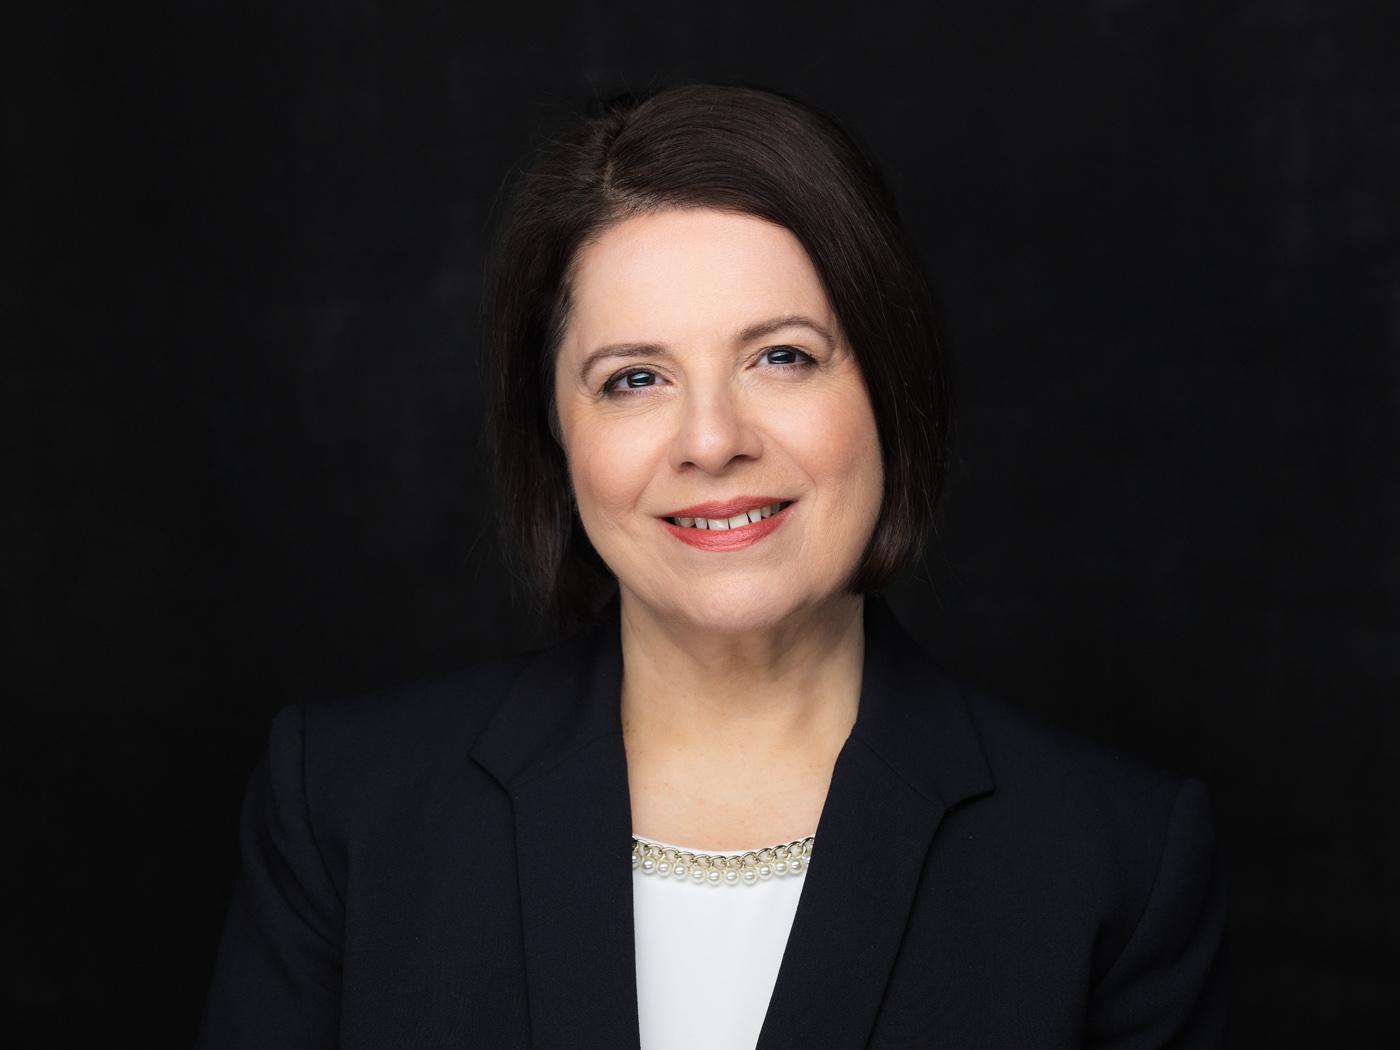 Angela Pessinis